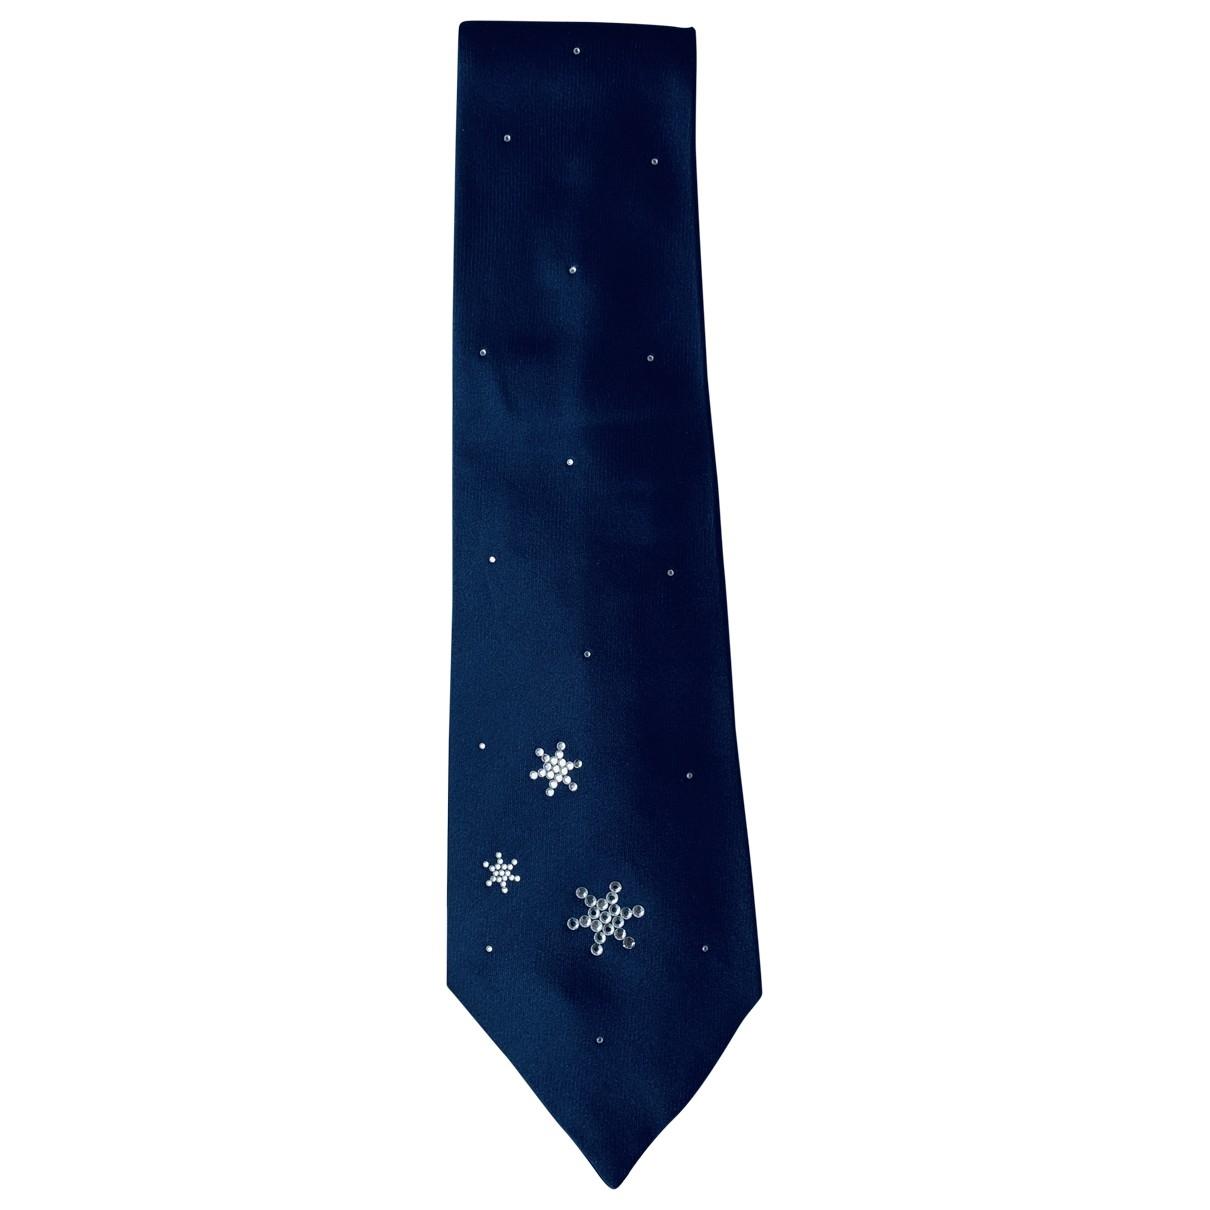 Byblos - Cravates   pour homme en soie - marine